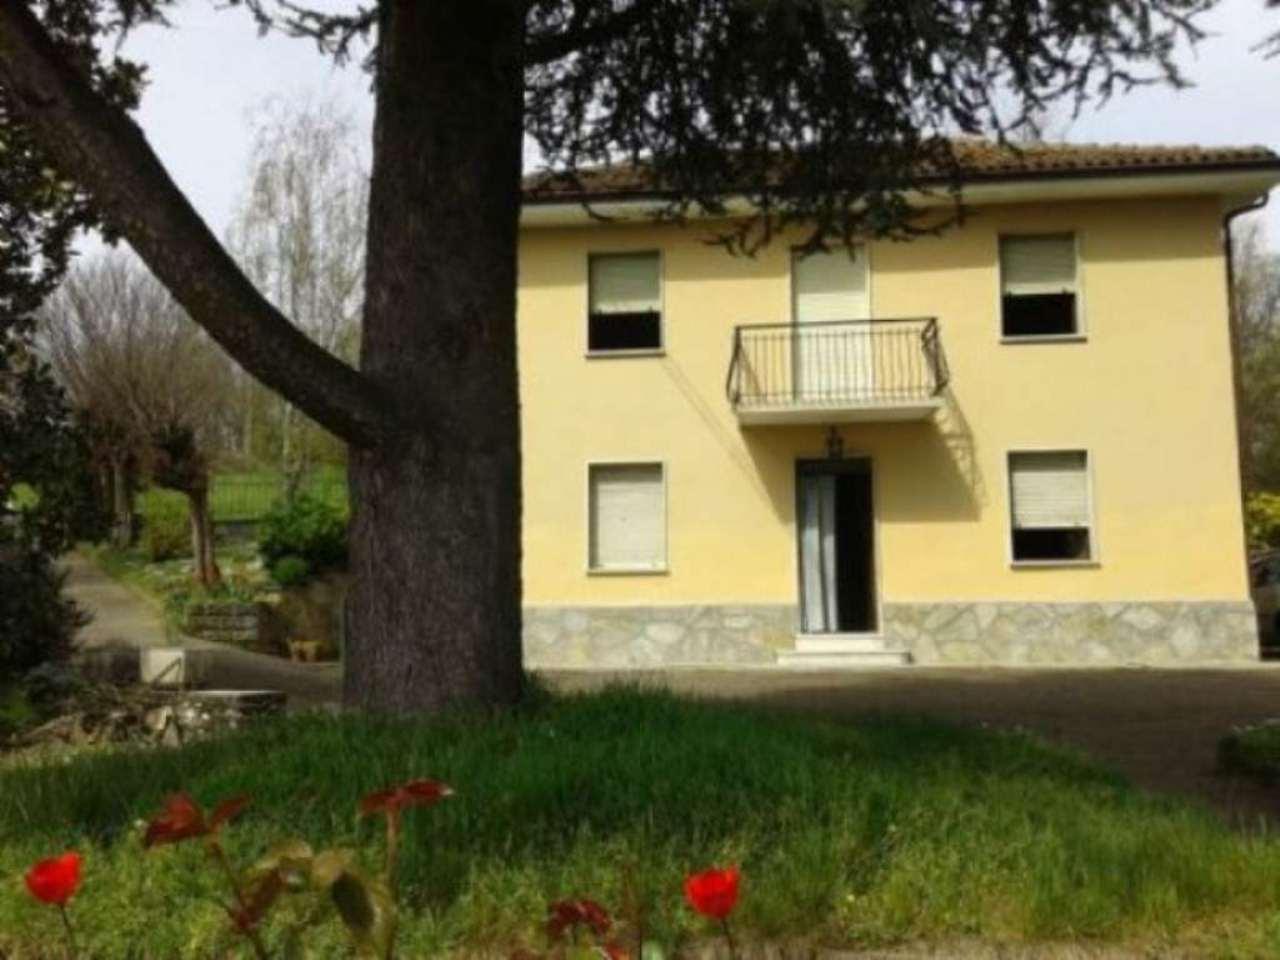 Soluzione Indipendente in vendita a Montafia, 4 locali, prezzo € 150.000 | Cambio Casa.it